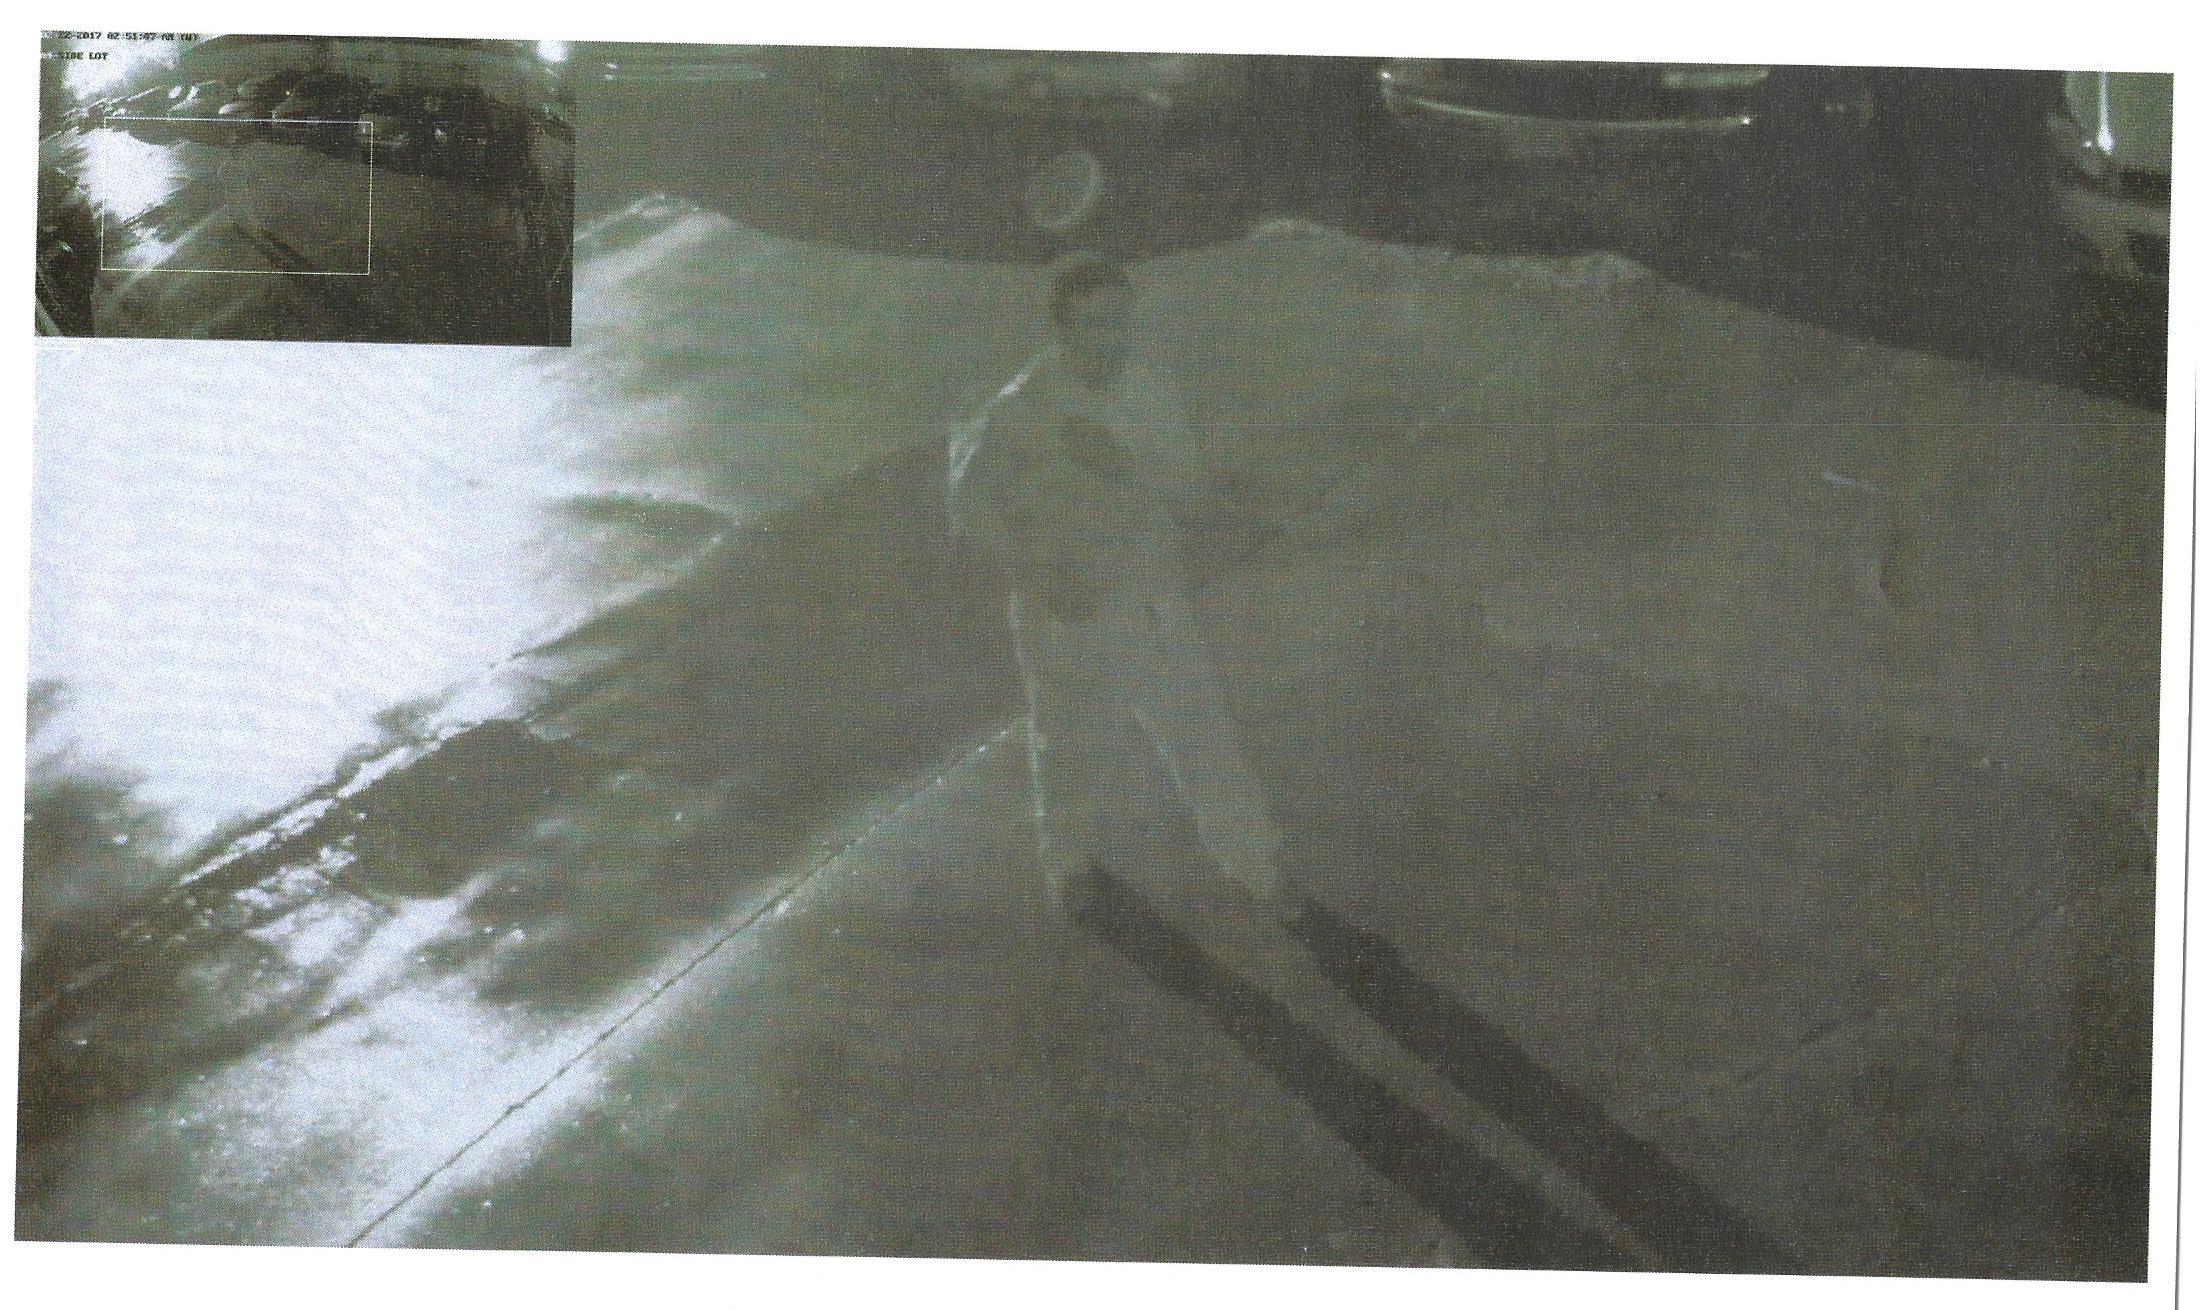 entering_auto_suspect_190827